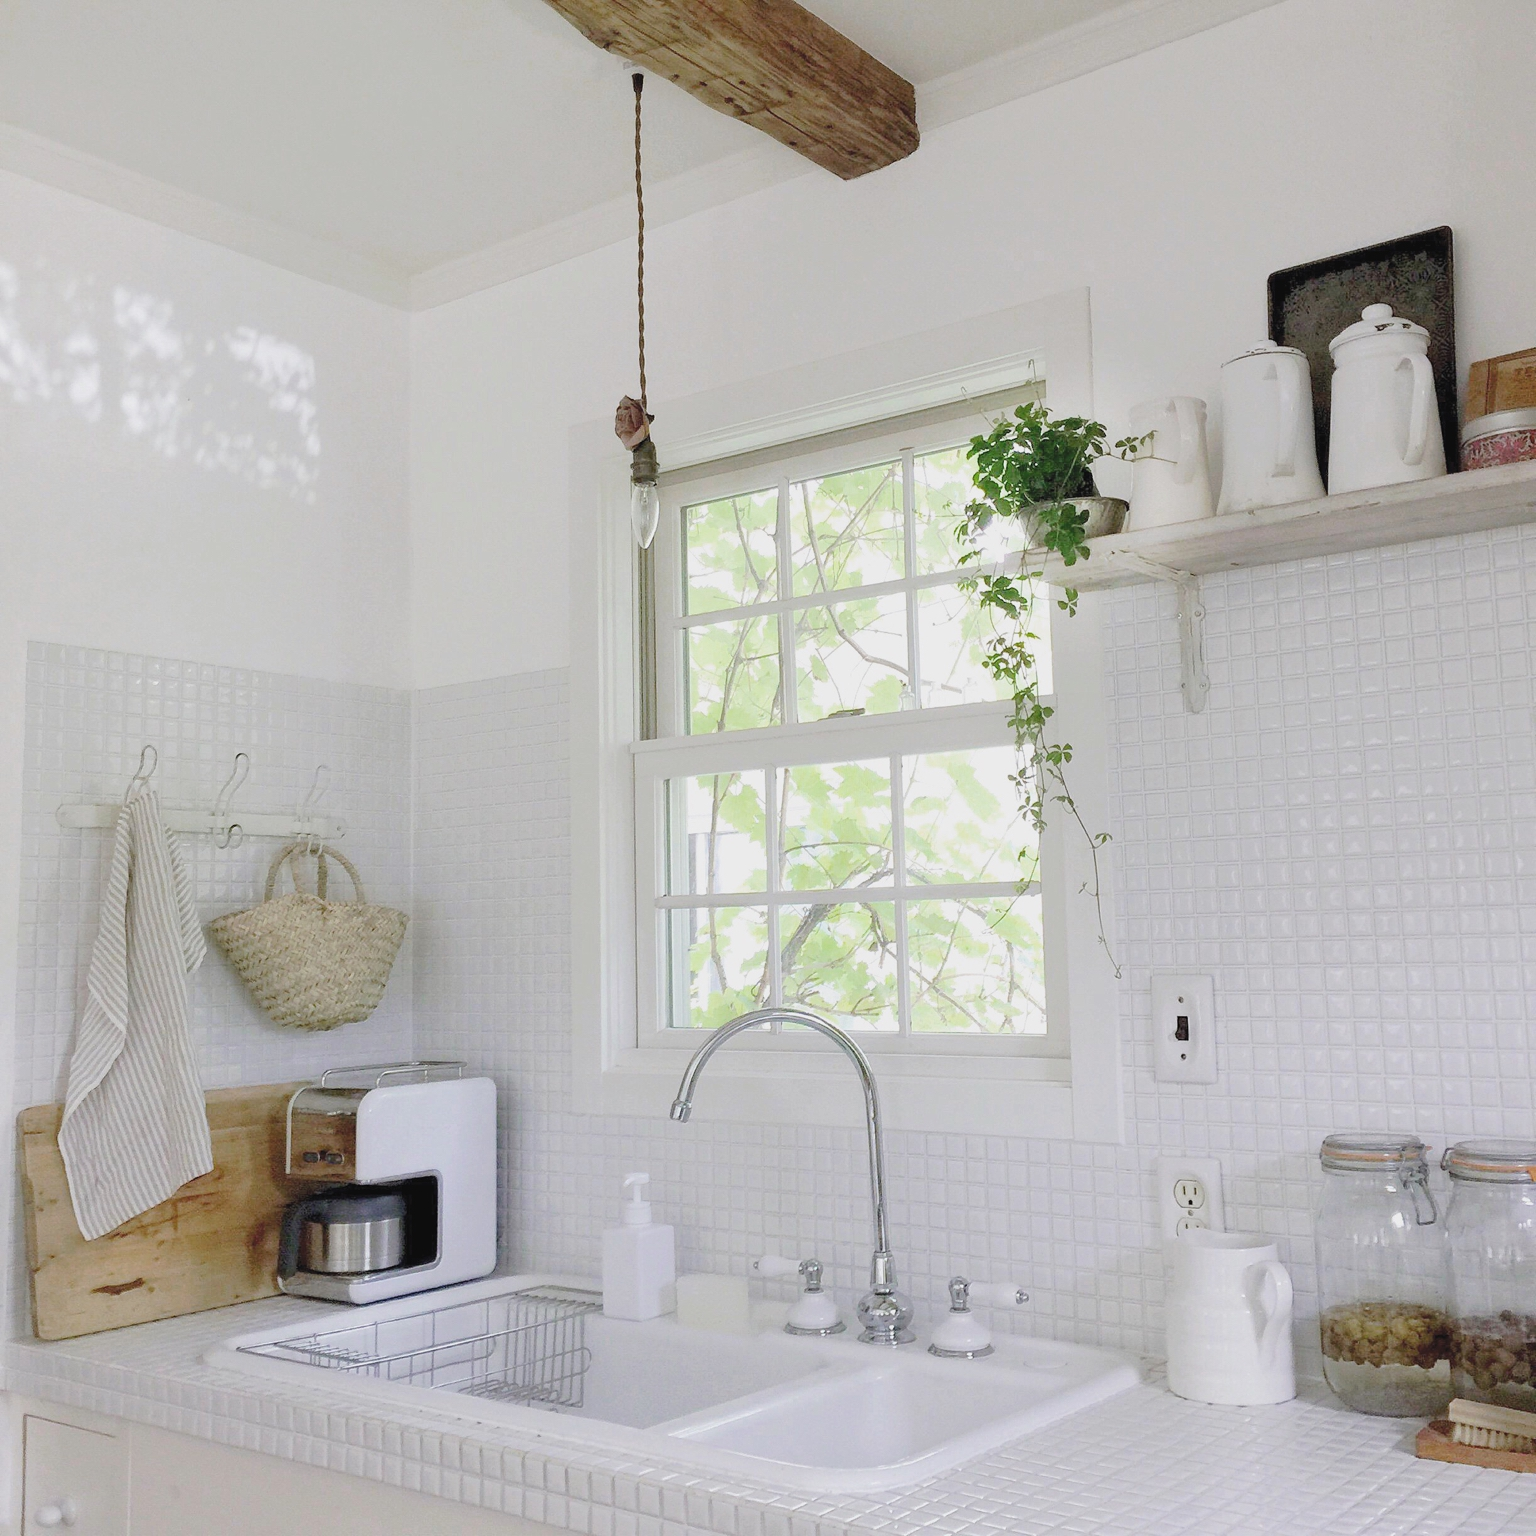 お家の中で日光浴♡光が心地よい窓と窓辺のある風景 | RoomClip mag | 暮らしとインテリアのwebマガジン